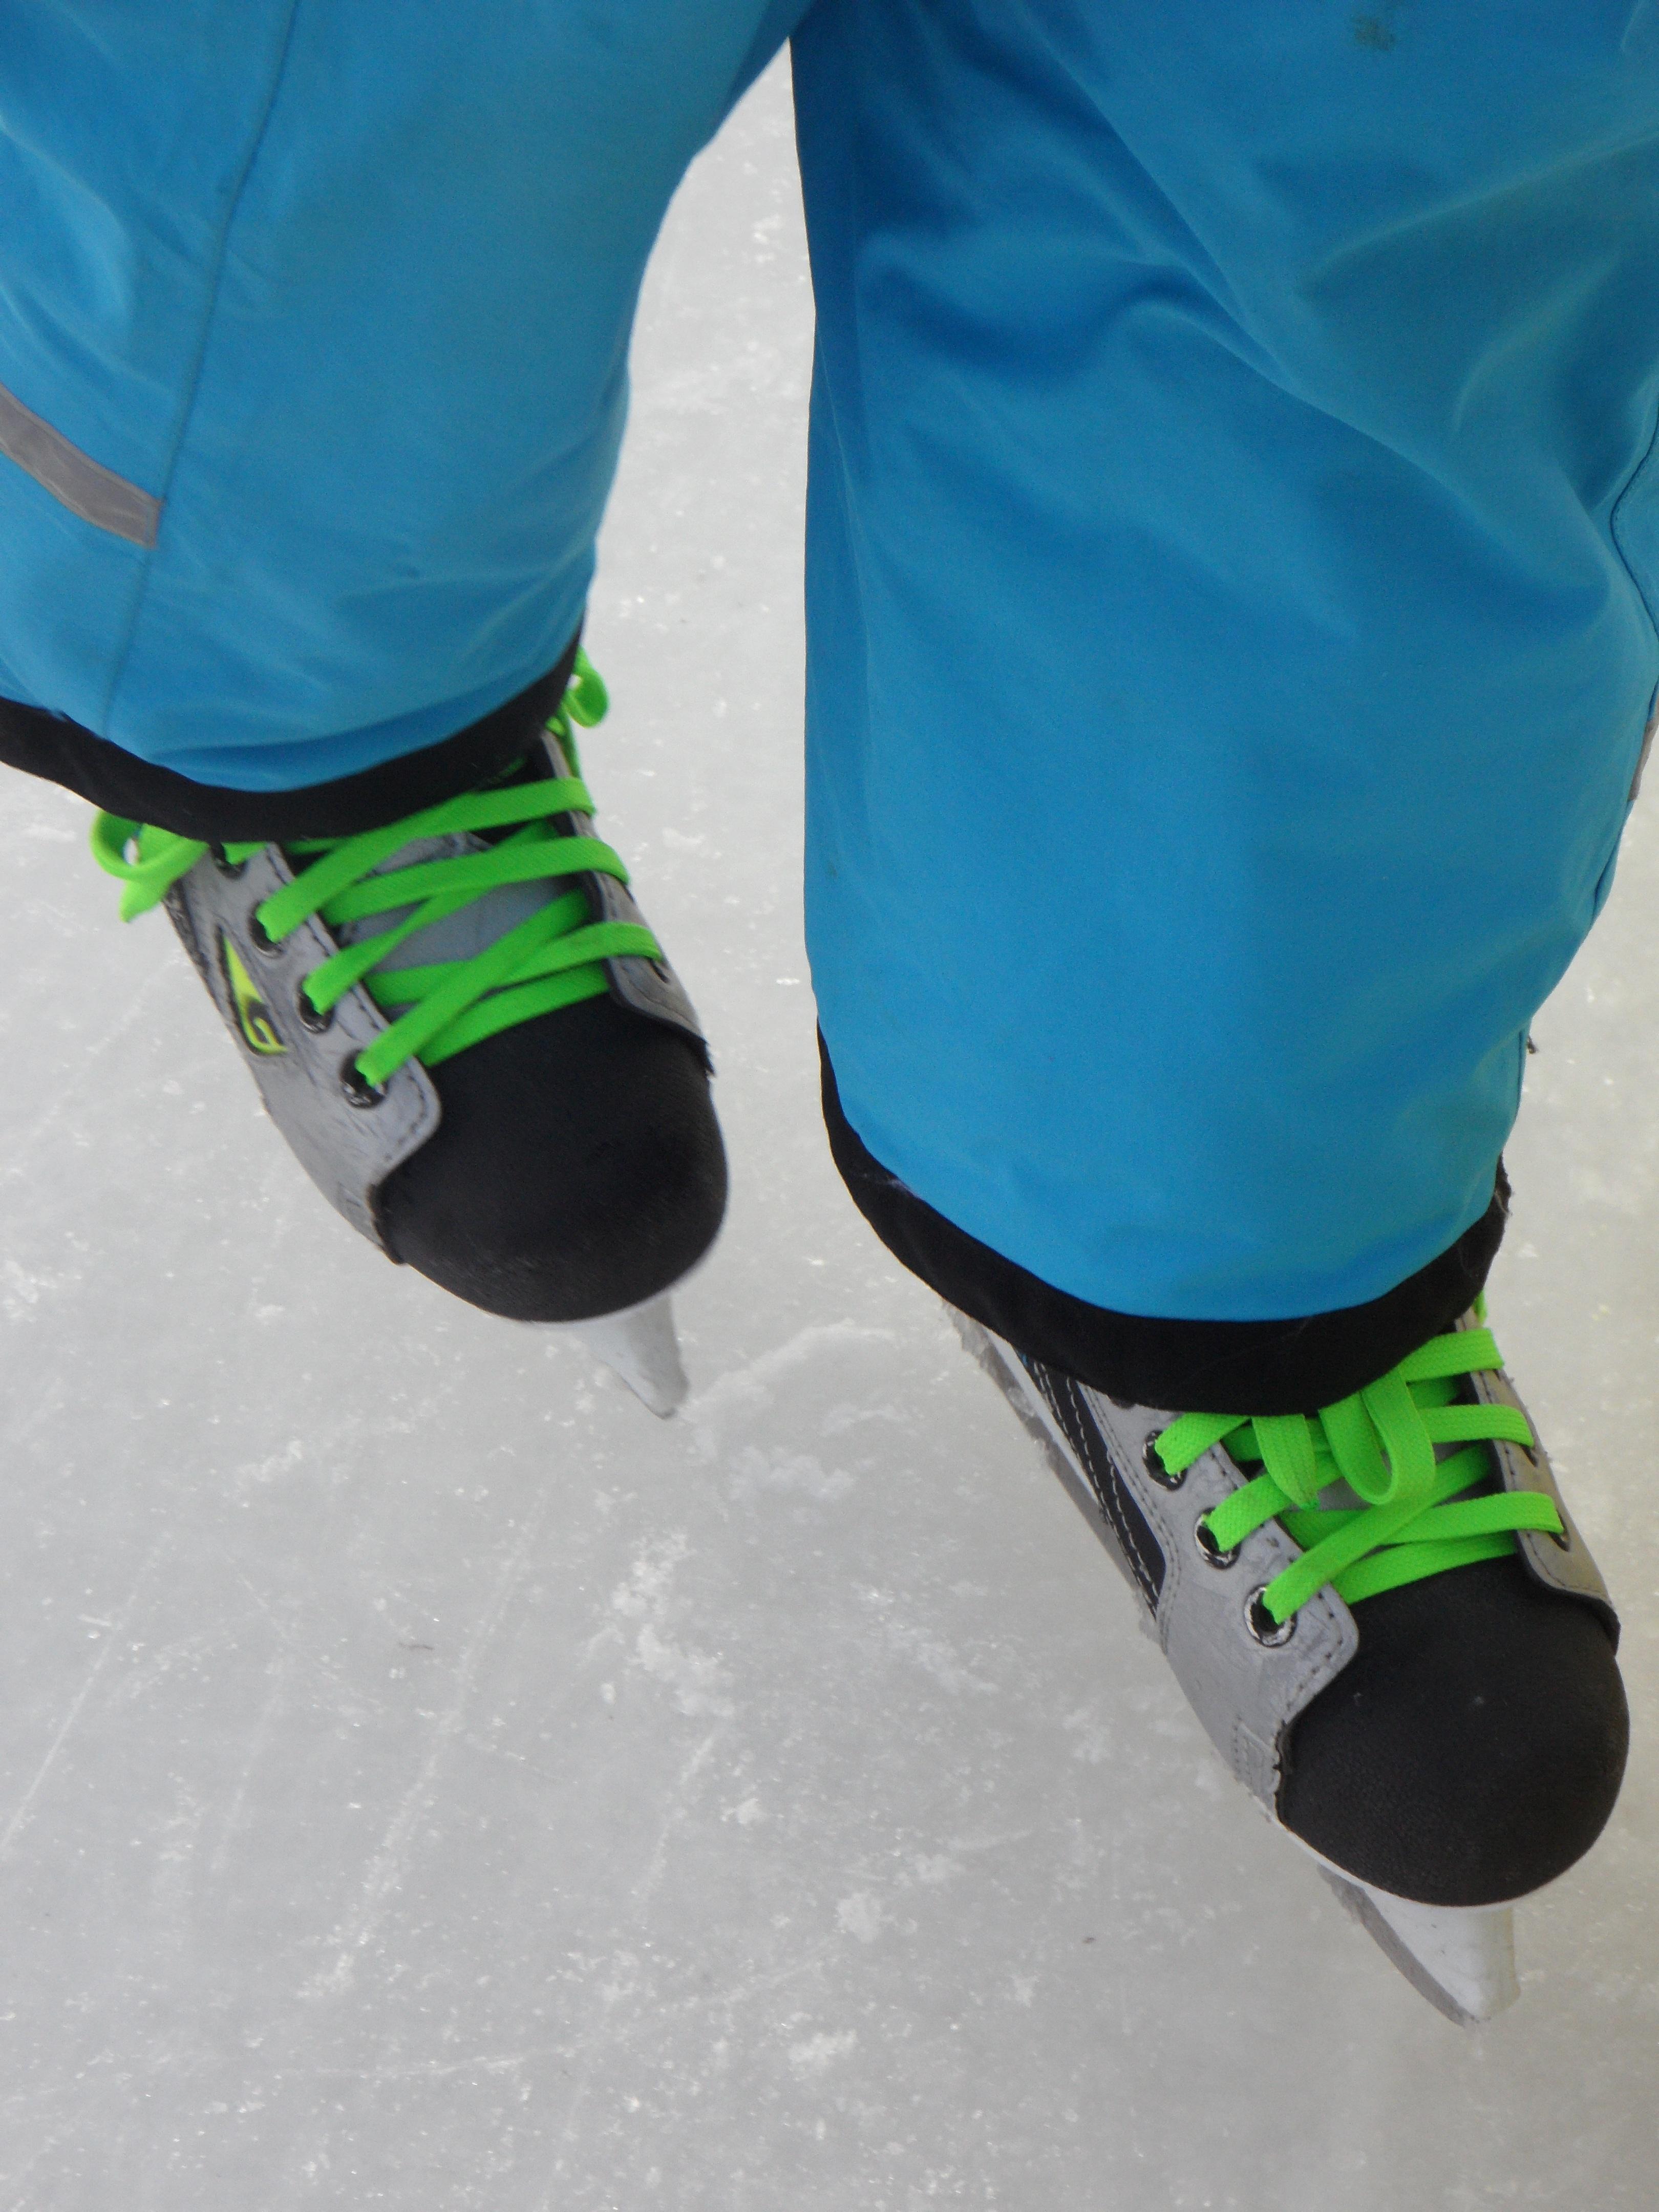 d8ed31c049f kall vinter- is grön barn blå Kläder snowboard sportutrustning roligt  skridskoåkning skodon skater vintersporter skridskoåkning